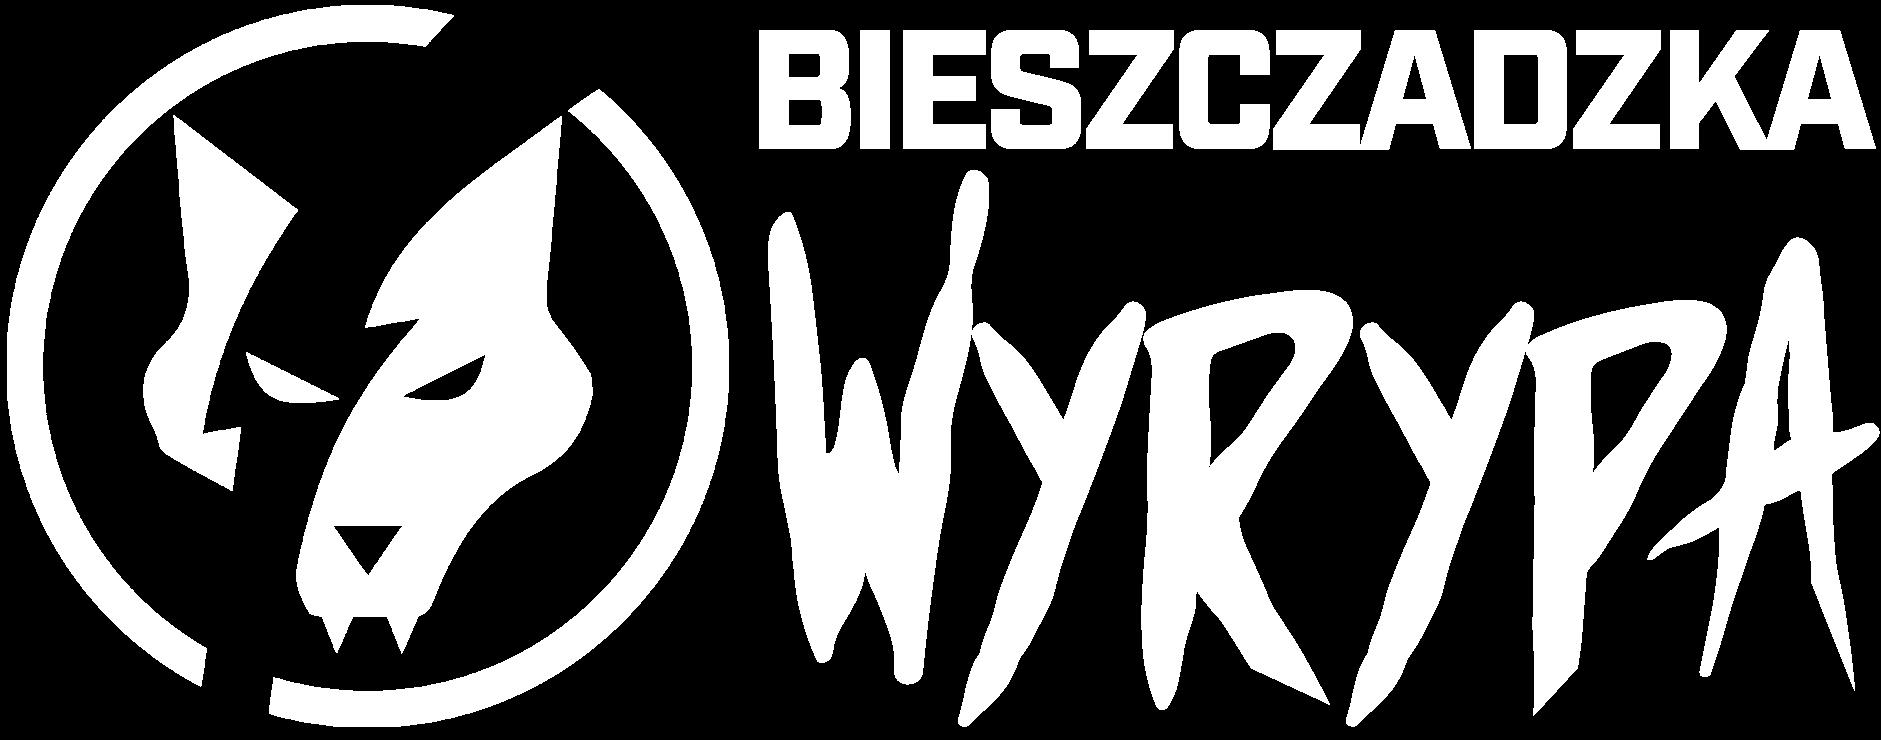 Wyrypa Bieszczadzka